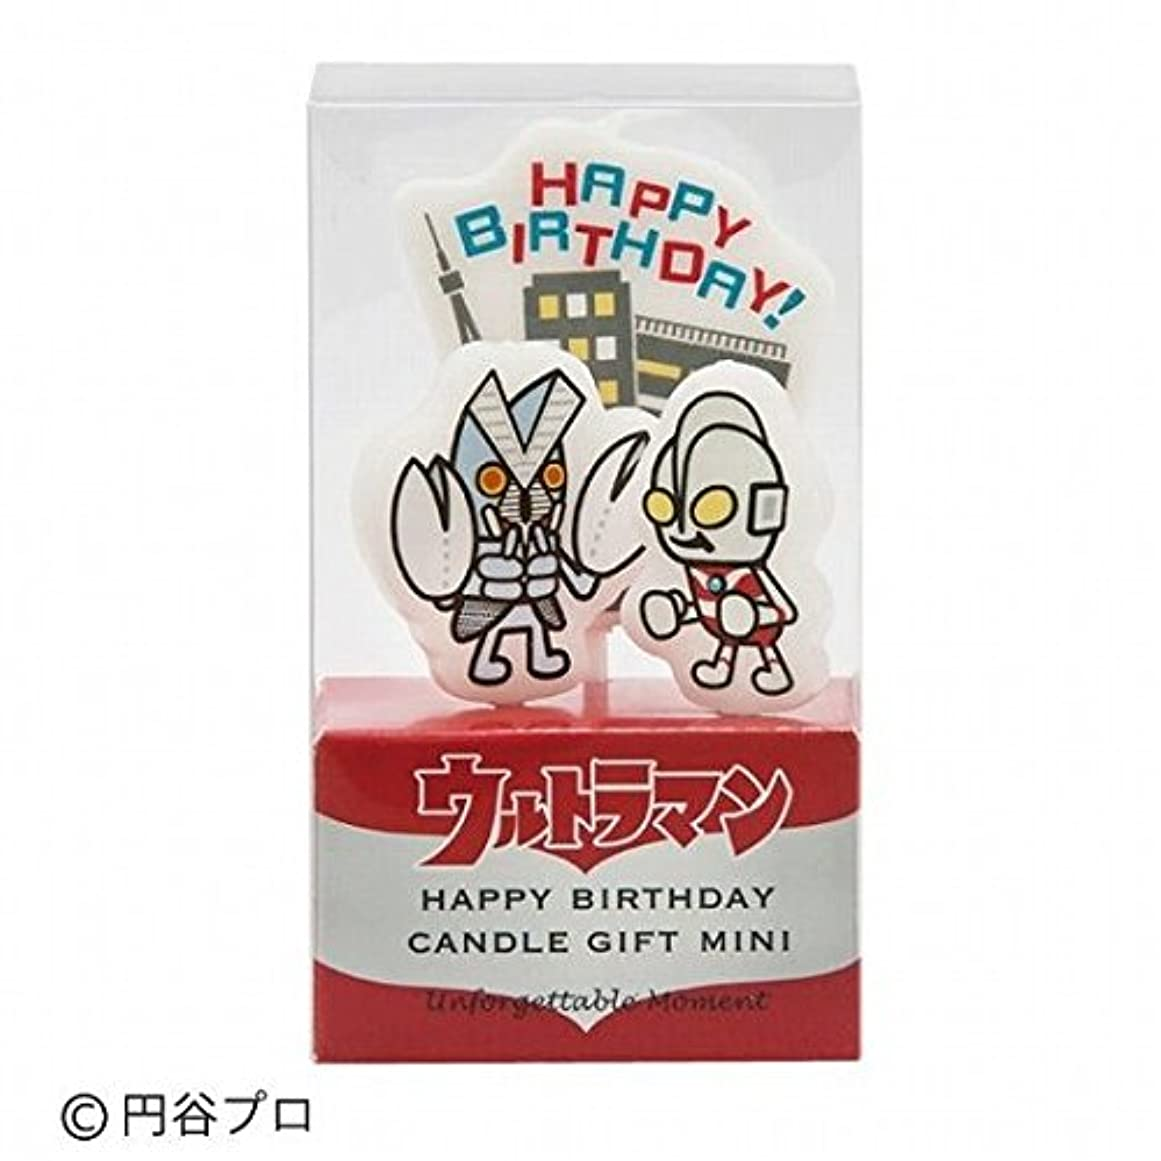 ジャンクション公エンディングkameyama candle(カメヤマキャンドル) ウルトラマンキャンドルギフトミニ 「 ハッピーバースデー 」(55360060)